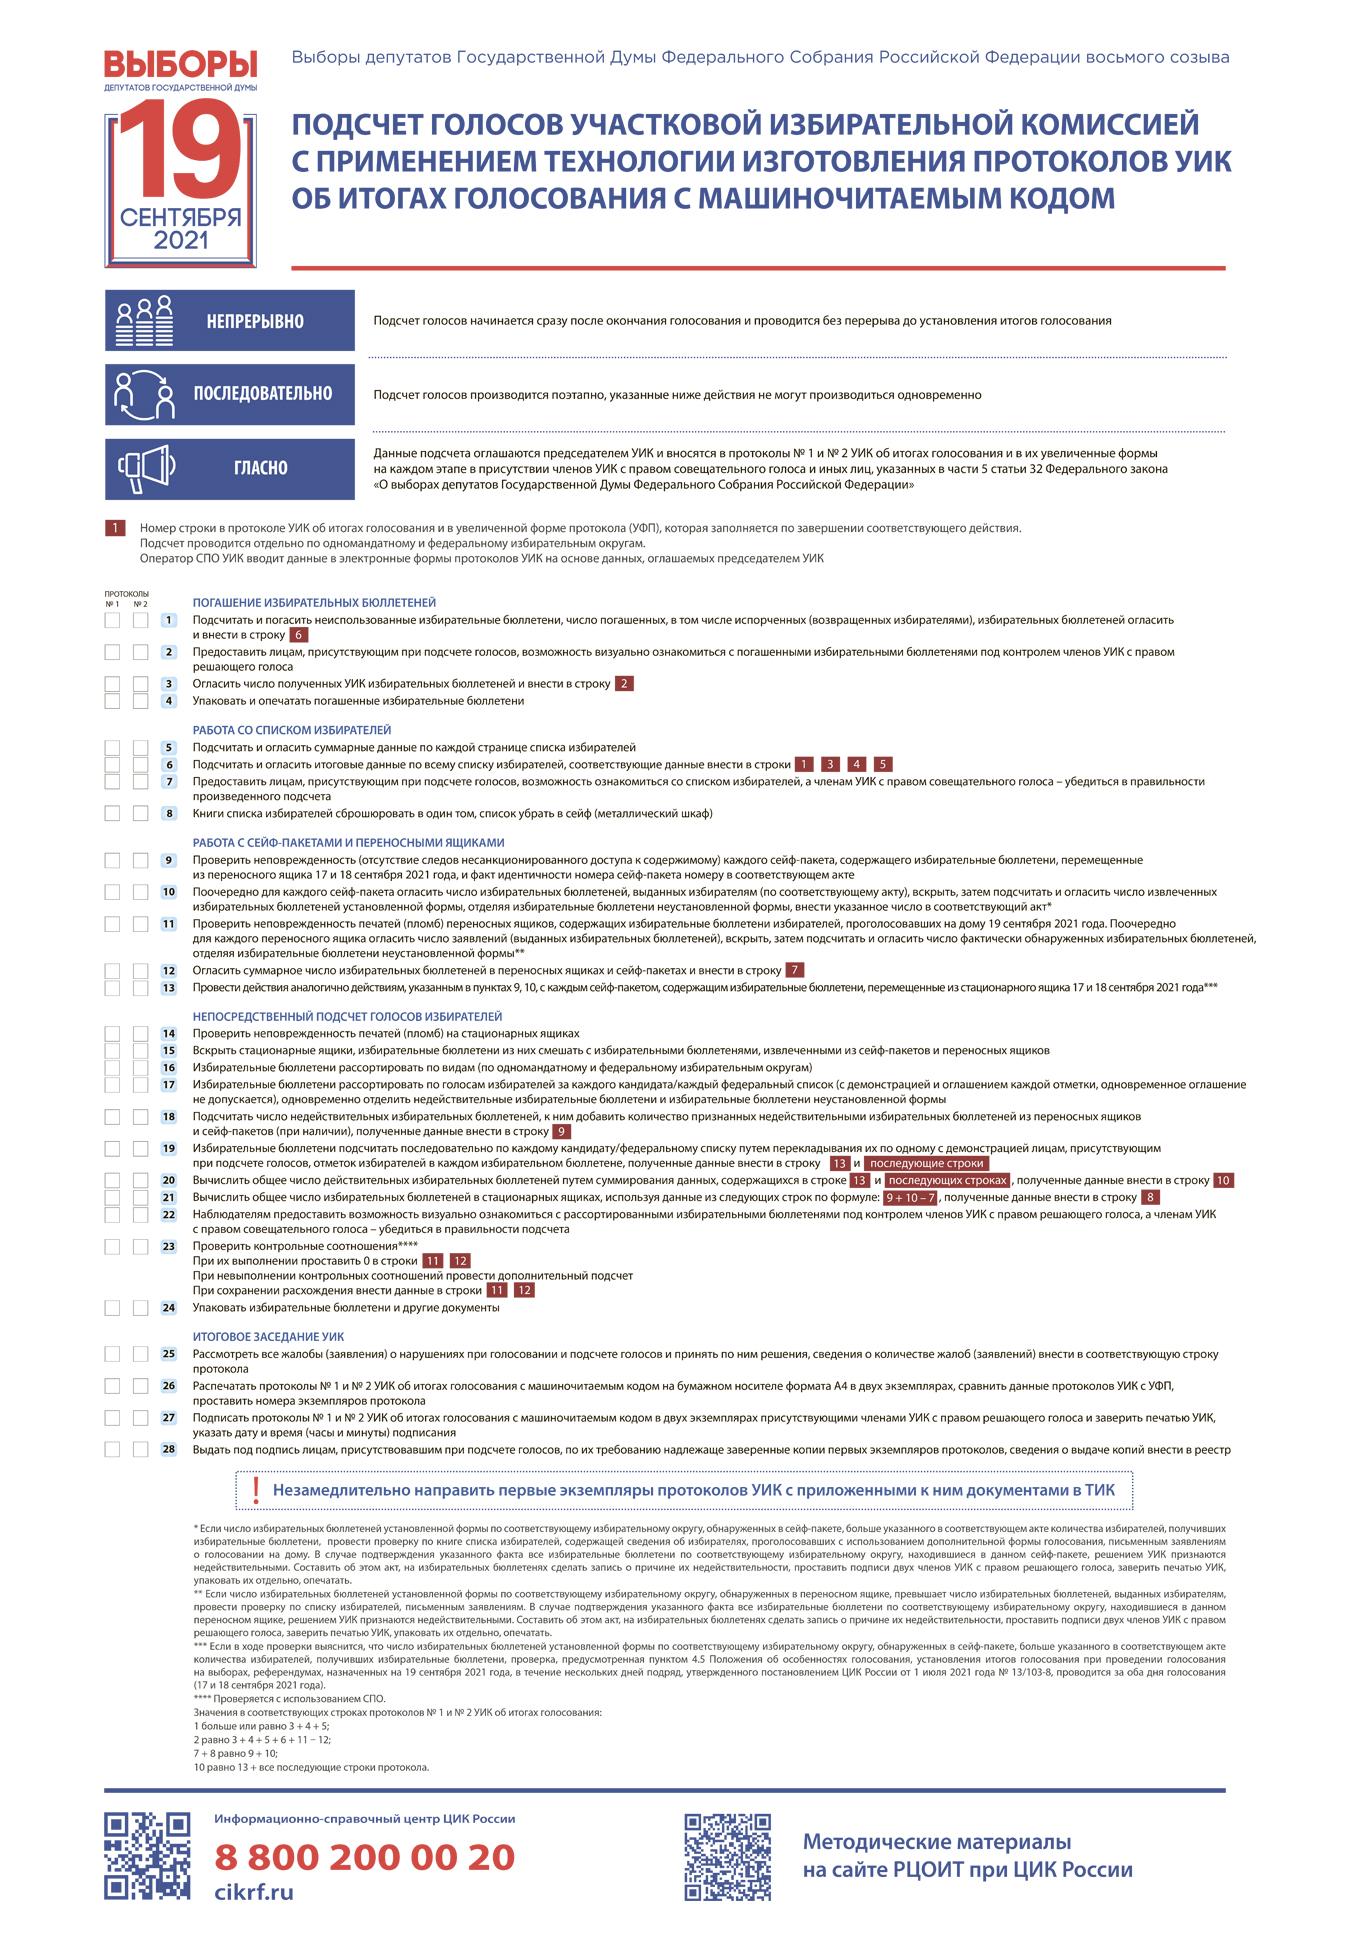 Подсчет голосов УИК с применением технологии изготовления протоколов УИК с машиночитаемым кодом